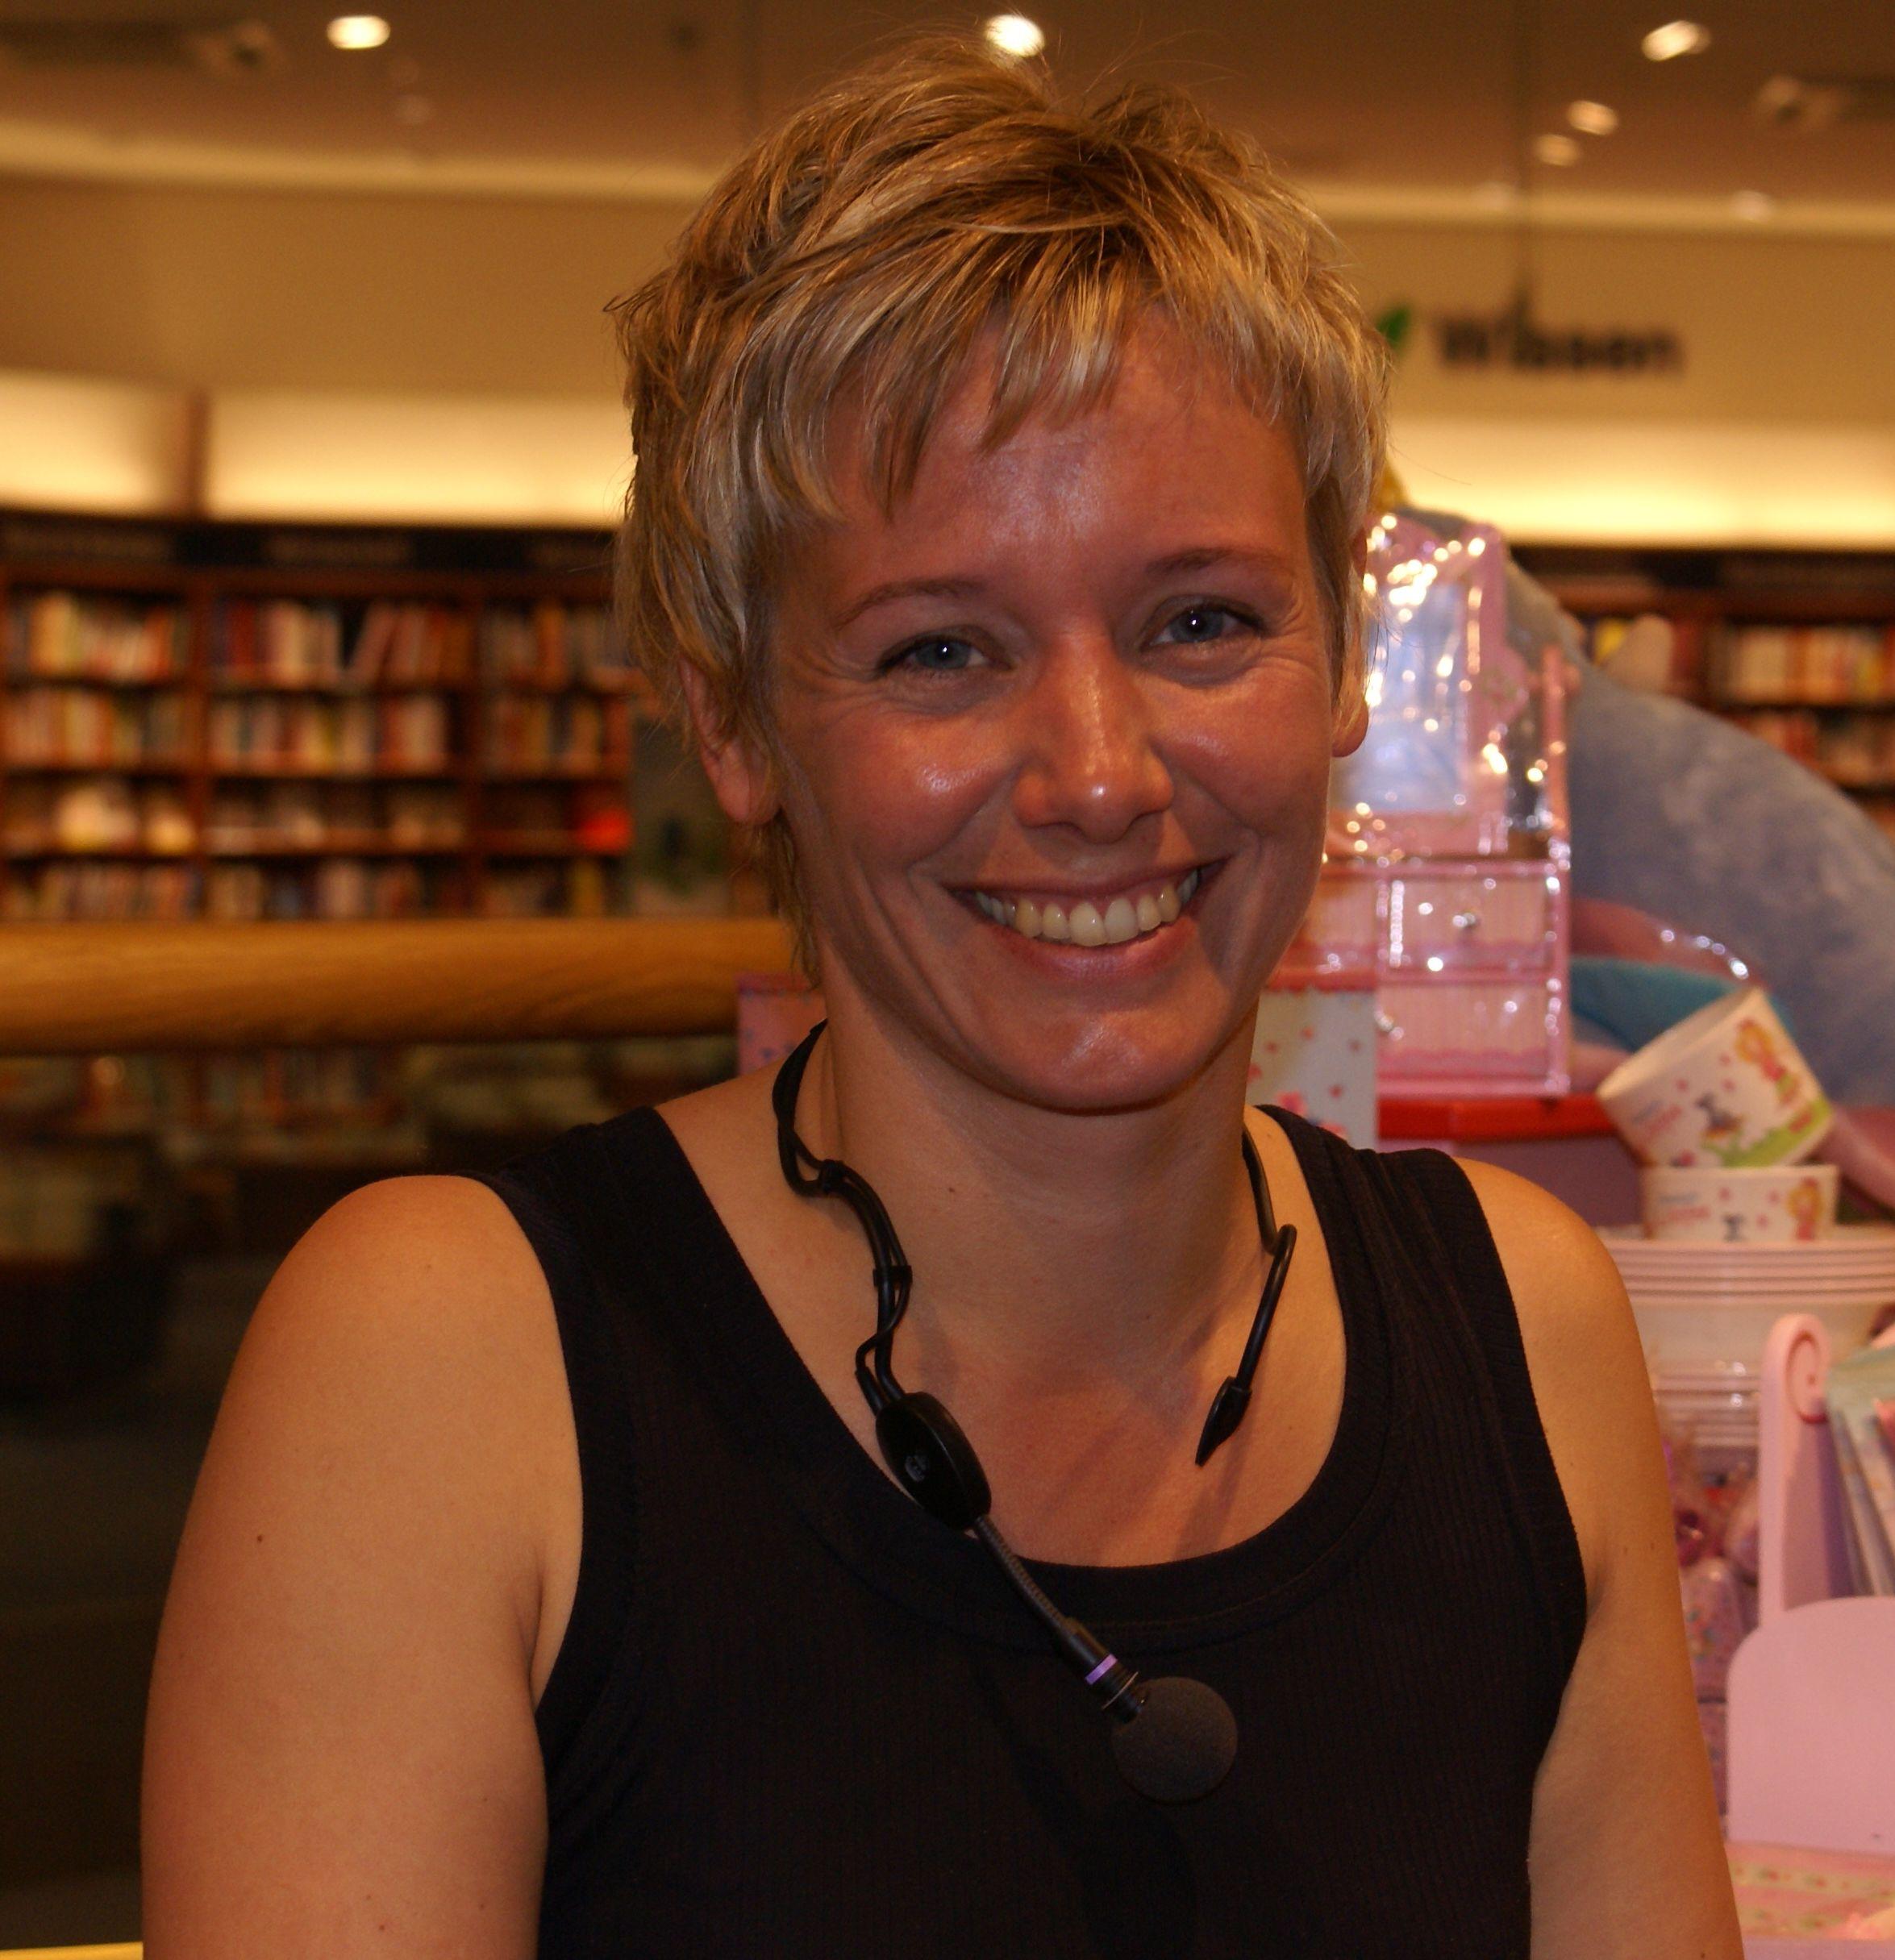 Sandra Lüpkes bei einer Lesung in Münster im Mai 2008